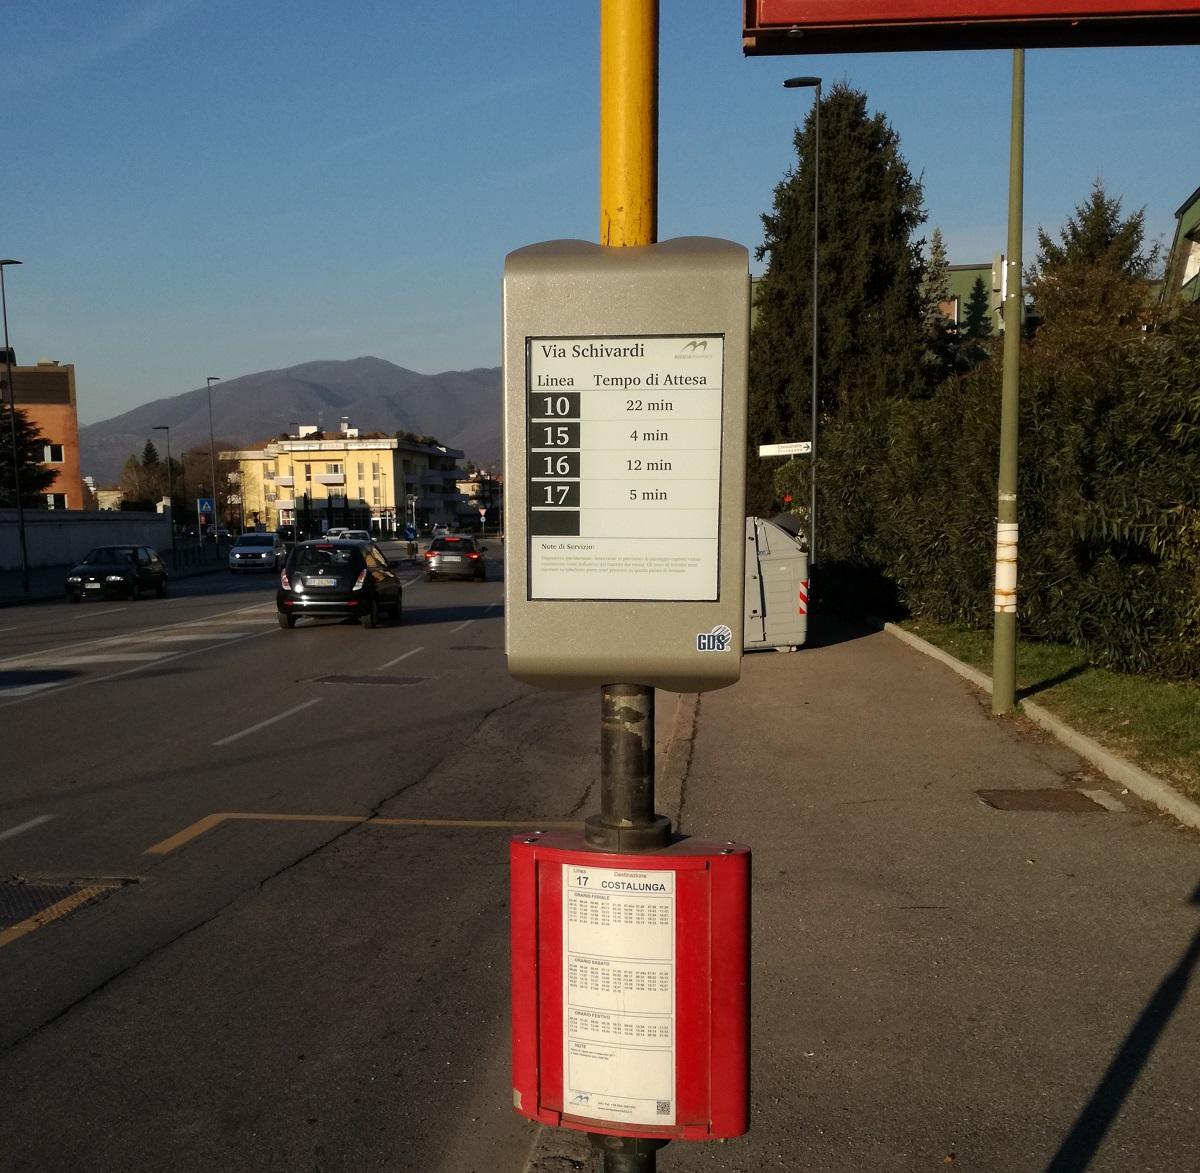 Brescia GDS e-Tela e-paper display